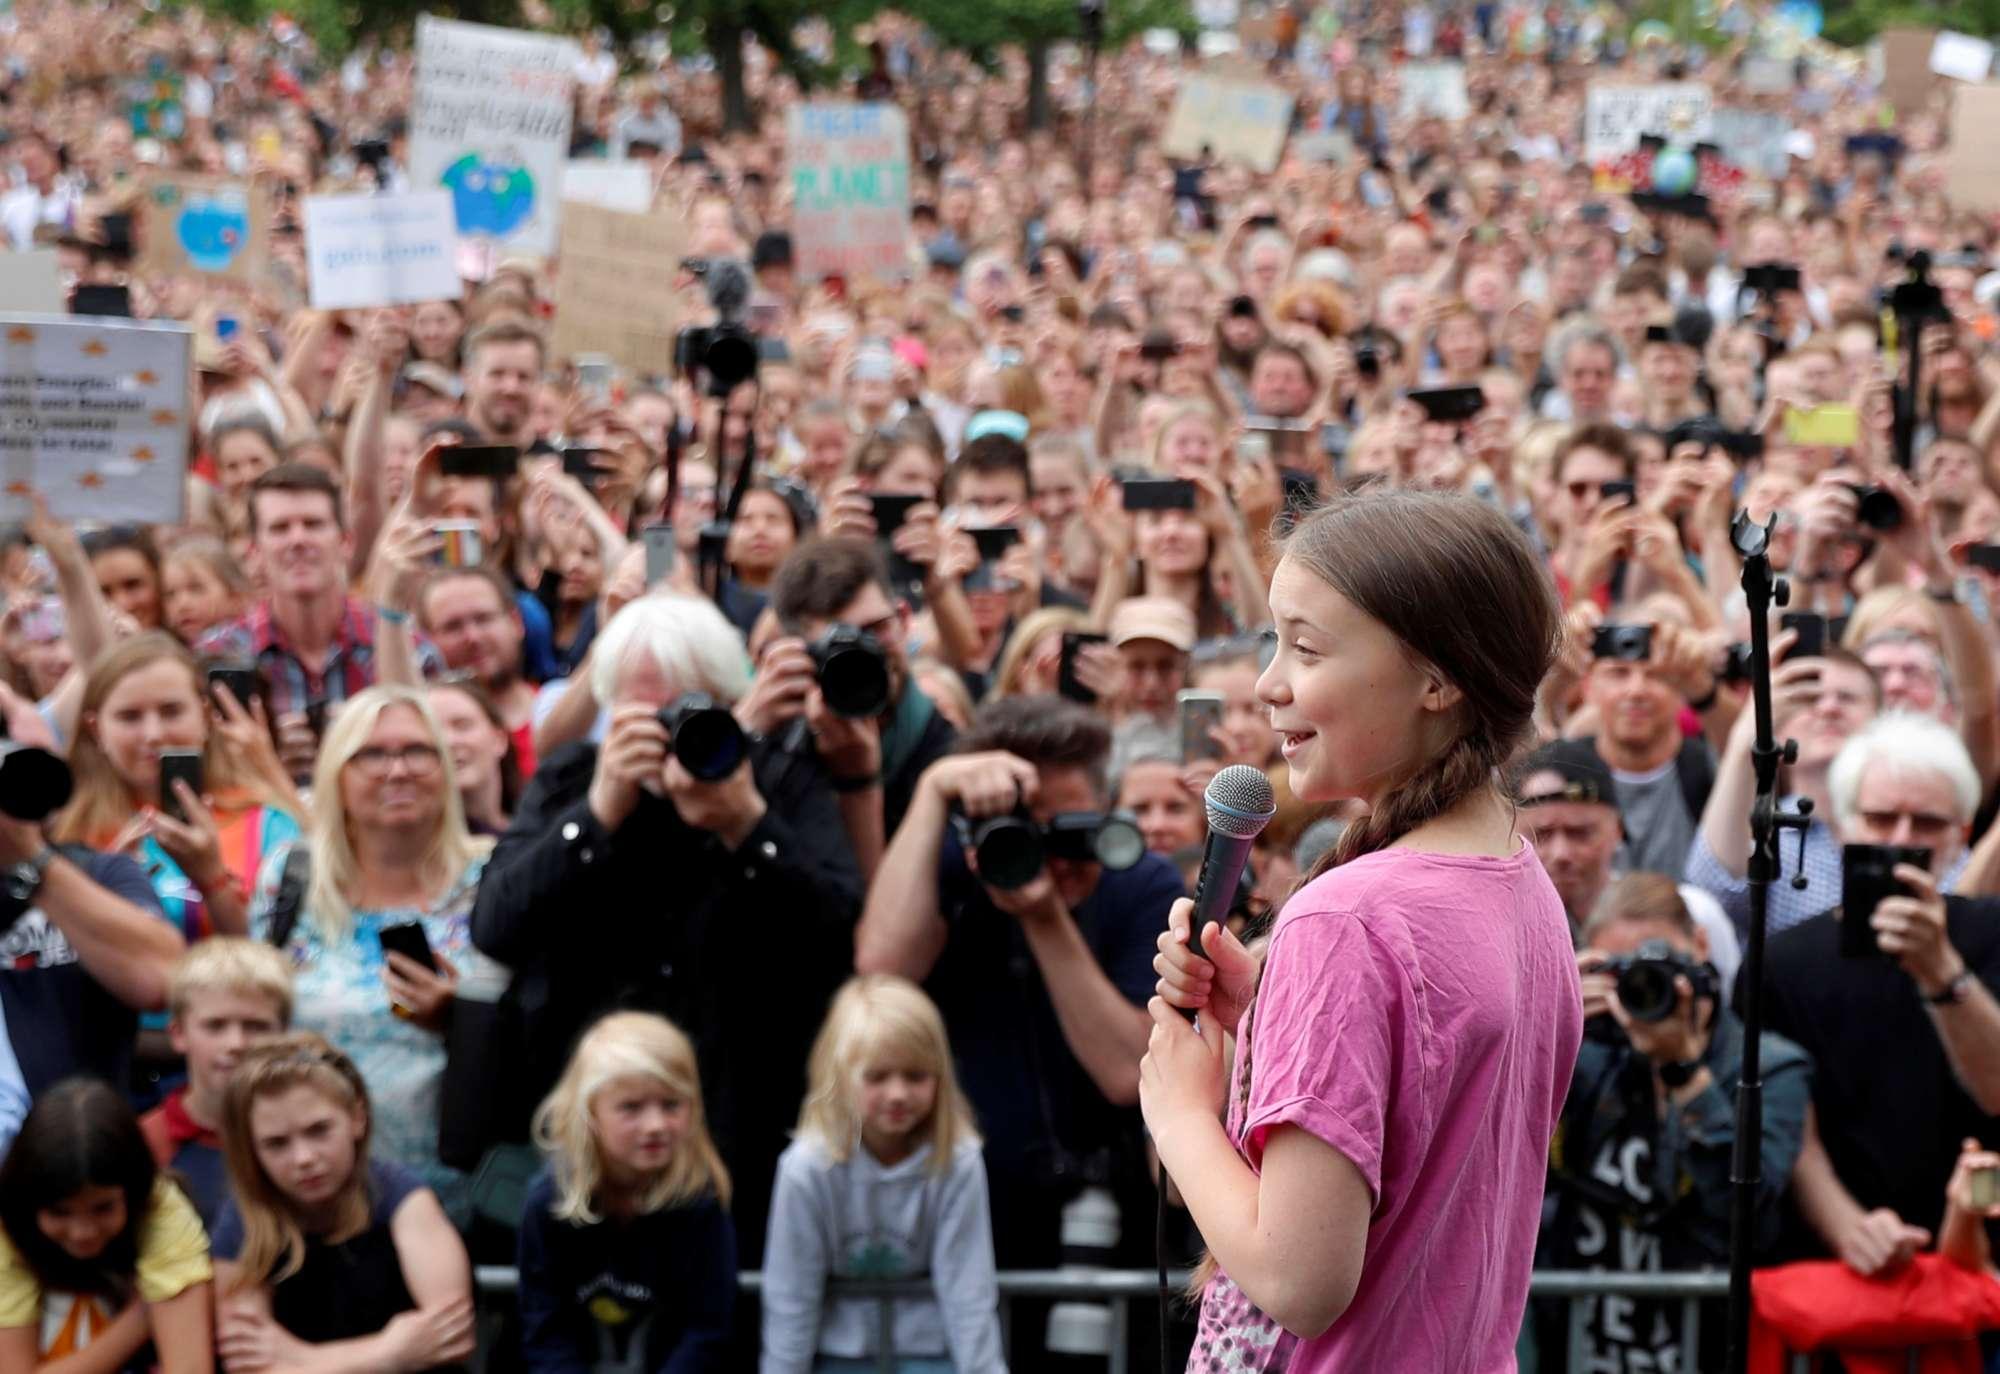 Η μικρή Σουηδέζα Γκρέτα Θούνμπεργκ -η σταρ του περιβαλλοντικού ακτιβισμού- αγορεύει σε «πράσινη» υπαίθρια συγκέντρωση στο Βερολίνο την Παρασκευή 19 Ιουλίου